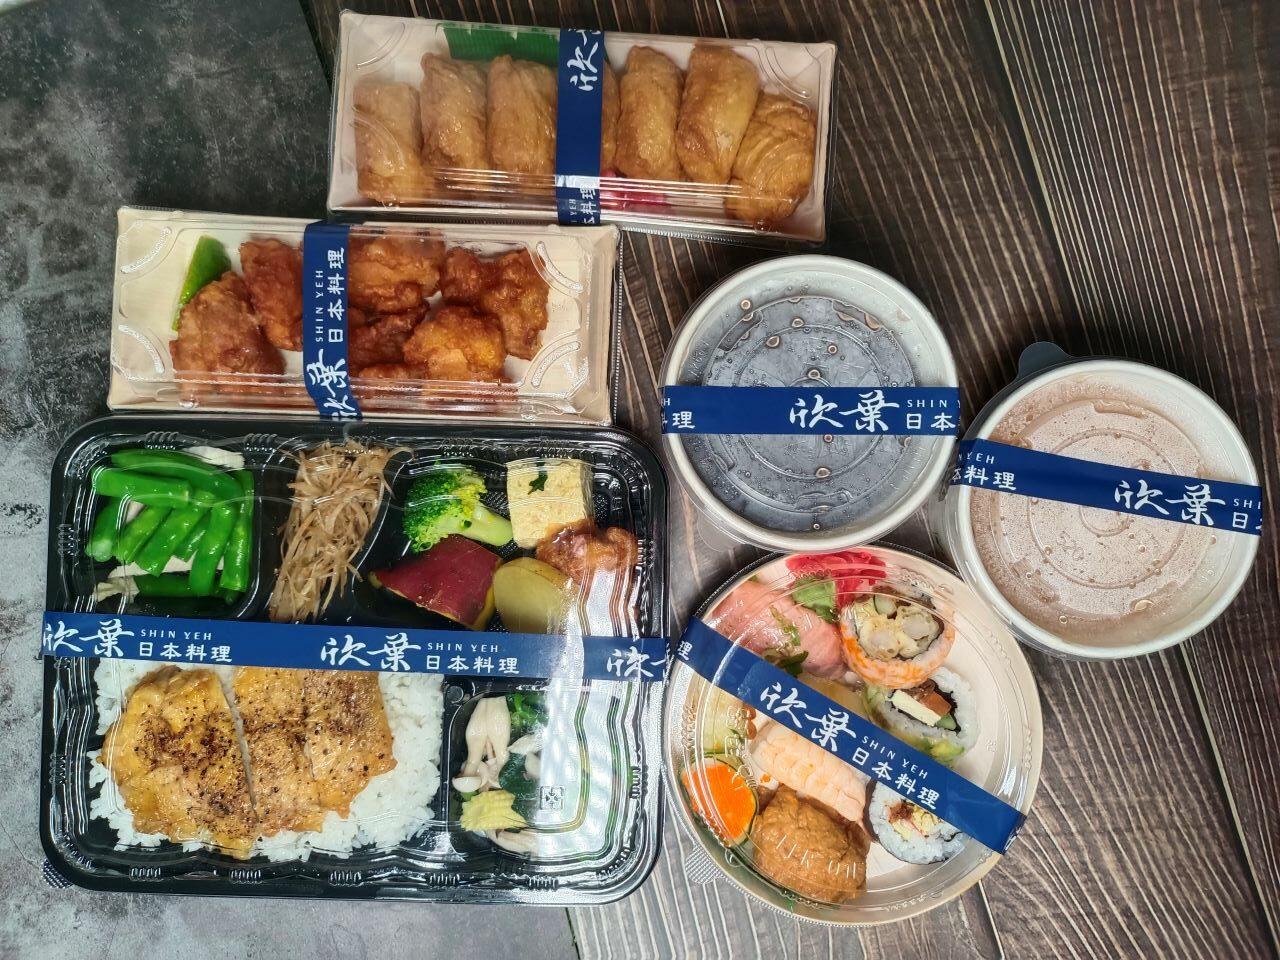 (台北美食)全台五家分店皆提供線上訂餐到店自取餐點通通享79折優惠-欣葉日式料理外帶餐盒(另提供外送服務) @Nancy將的生活筆計本